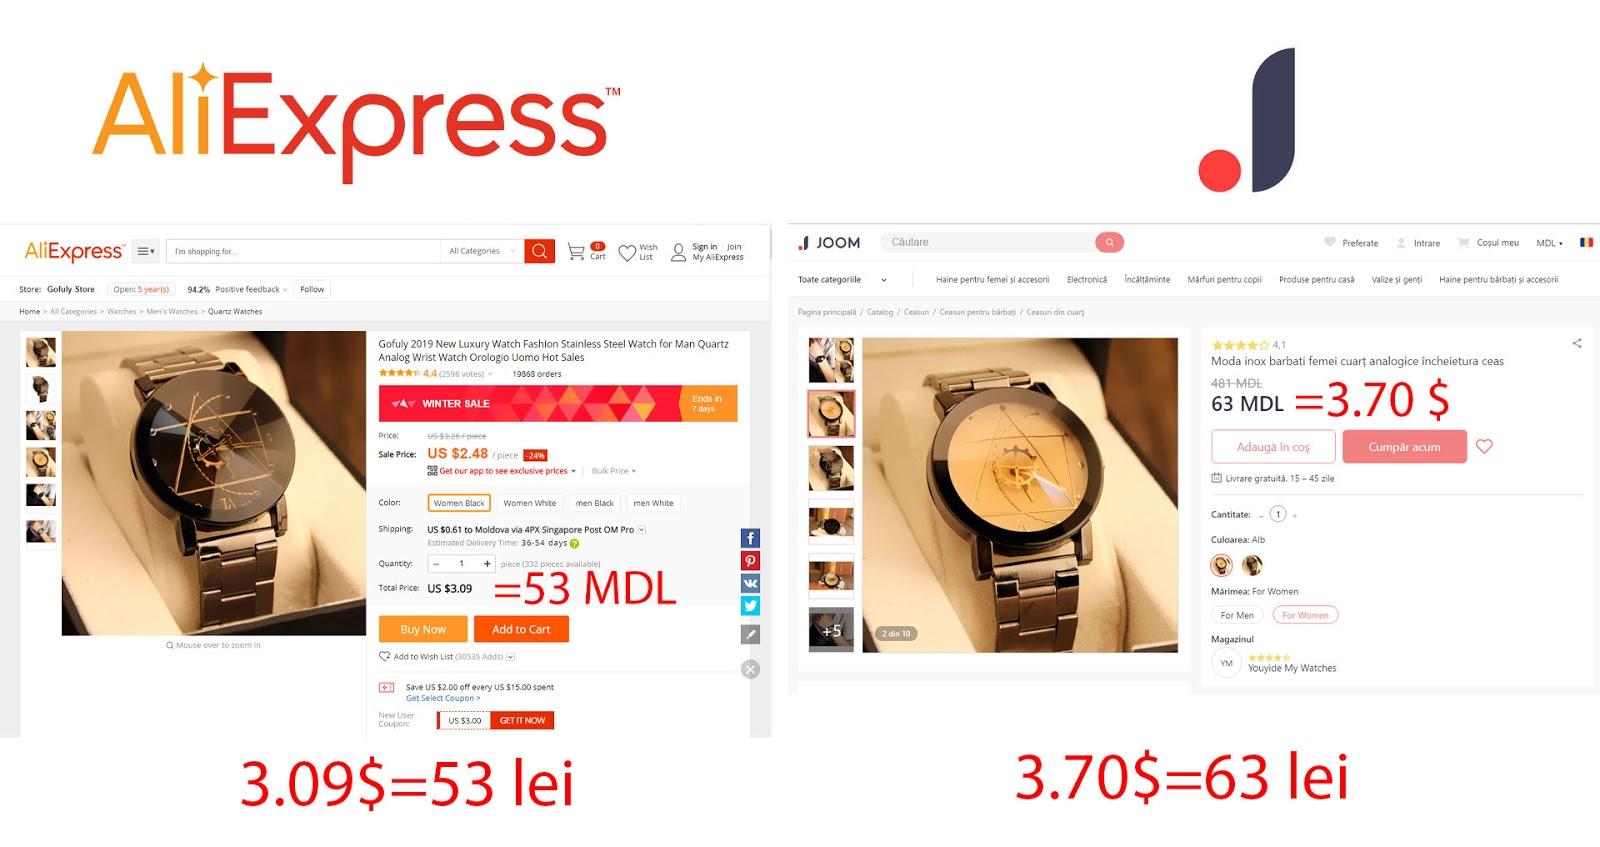 Ce este mai bun Aliexpress sau Joom. Cum să aleg un produs bun de pe Joom. Aliexpress cu livrare în Moldova